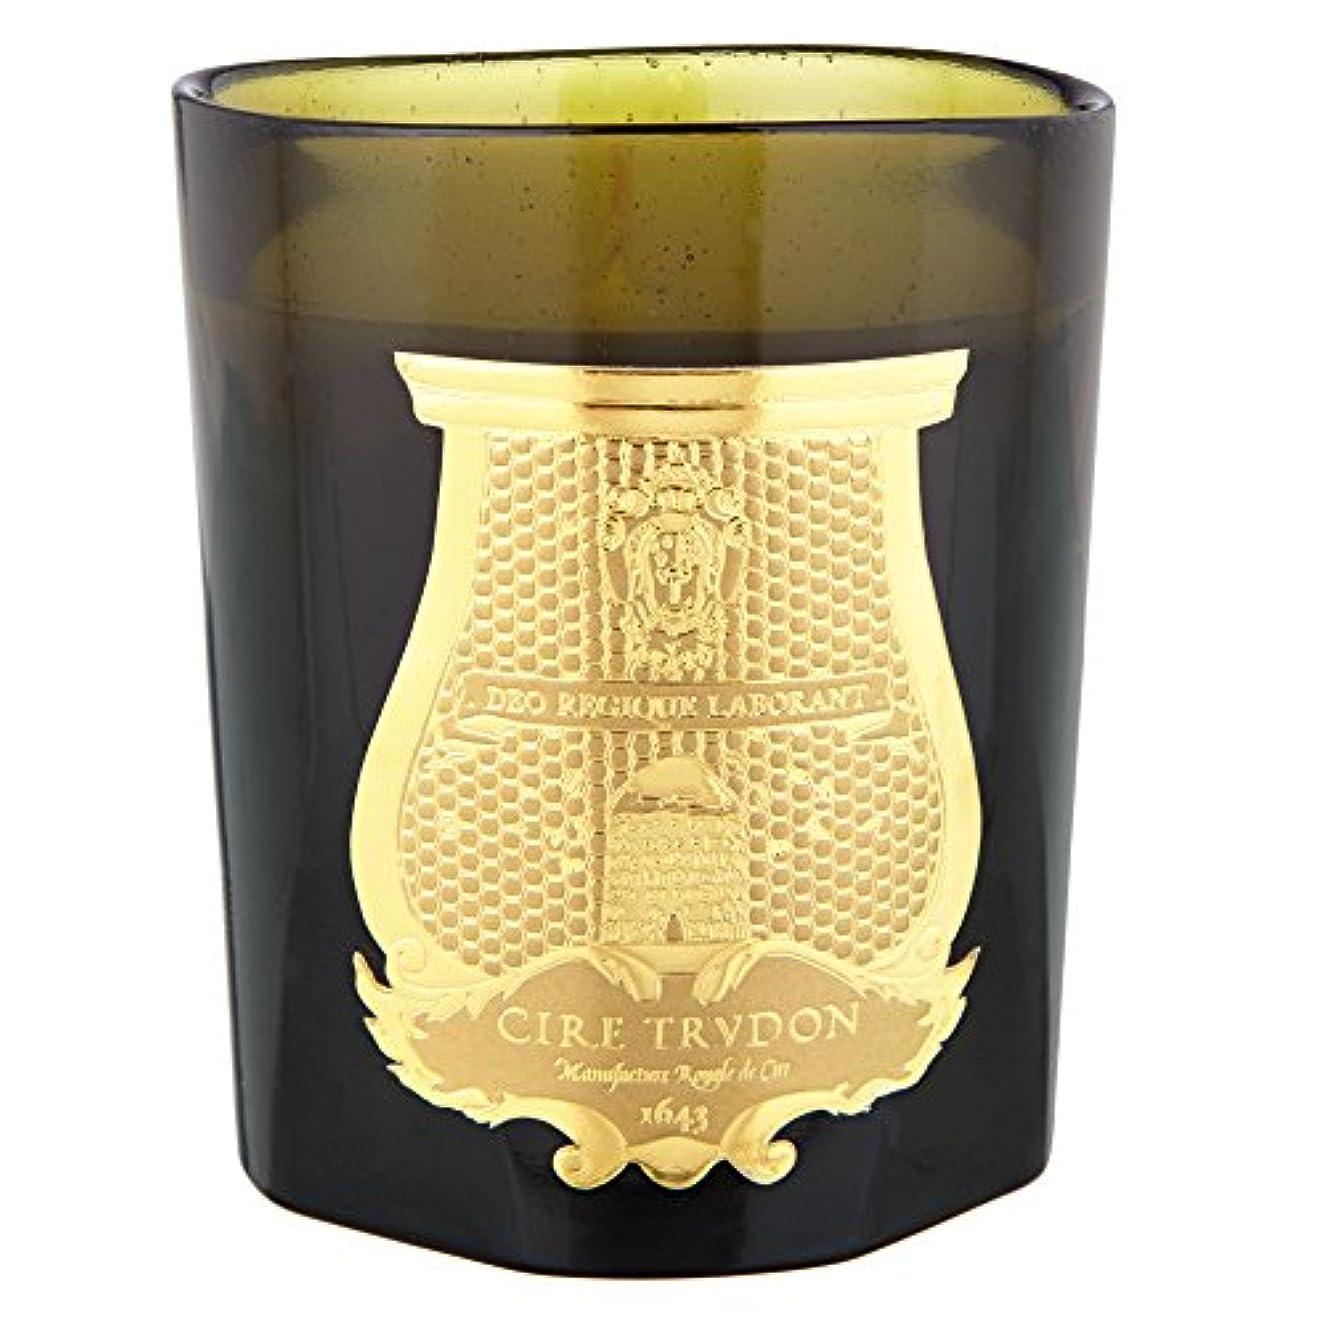 公平周囲カスケードCire Trudon Odalisque Scented Candle (Pack of 2) - Cire Trudonオダリスク香りのキャンドル (Cire Trudon) (x2) [並行輸入品]